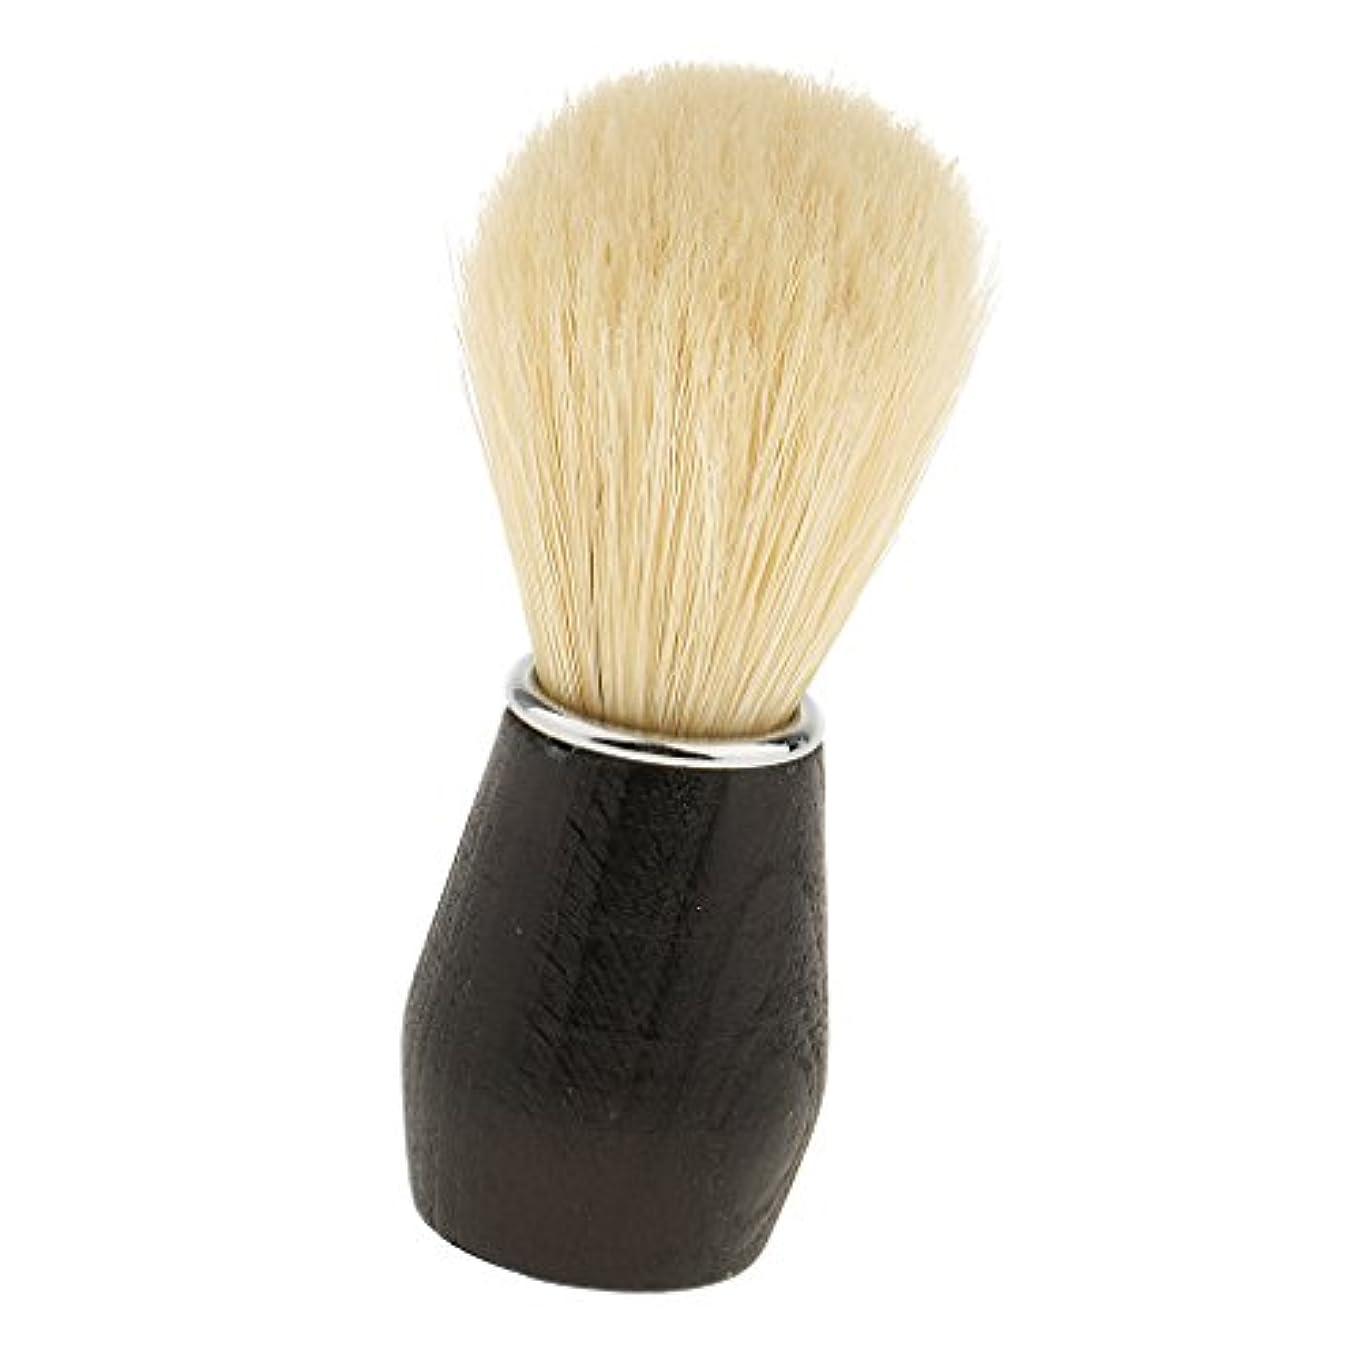 擁するうれしい過度のsharprepublic シェービングブラシ ヘアシェービングブラシ 毛髭ブラシ 髭剃り 泡立ち メンズ ソフト 父のギフト